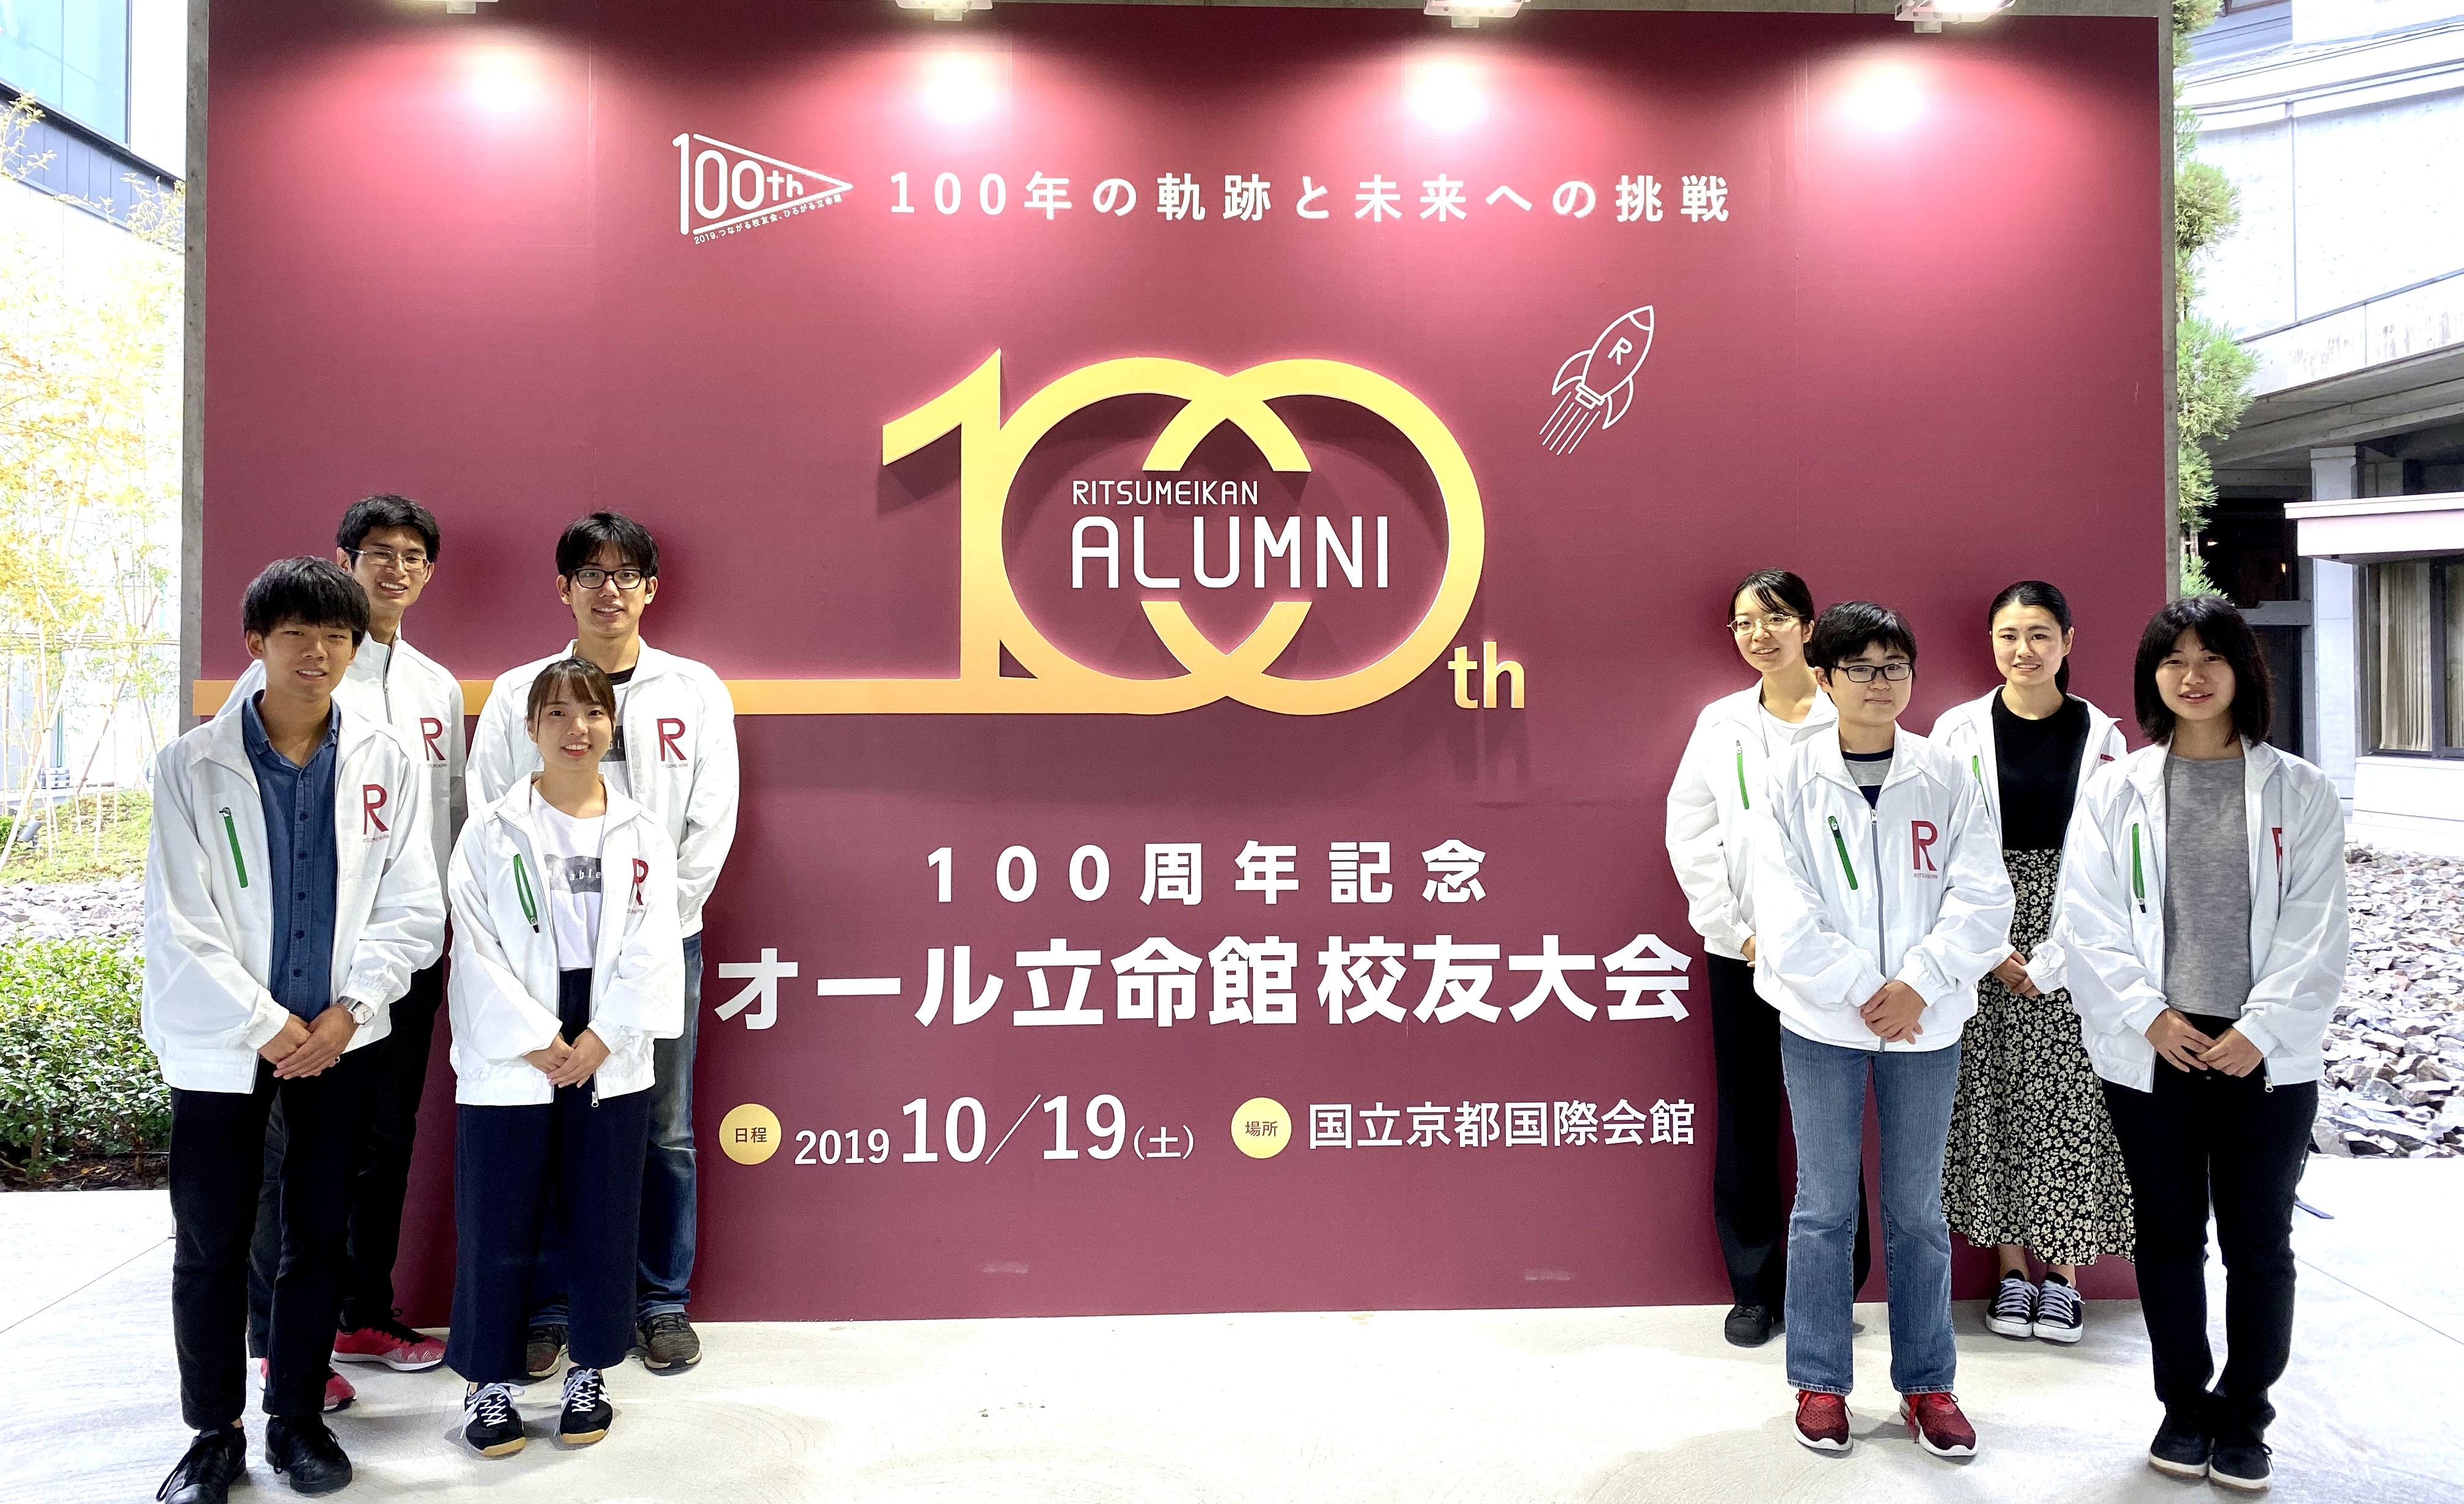 【お知らせ】100周年記念オール立命館校友大会に参加しました。